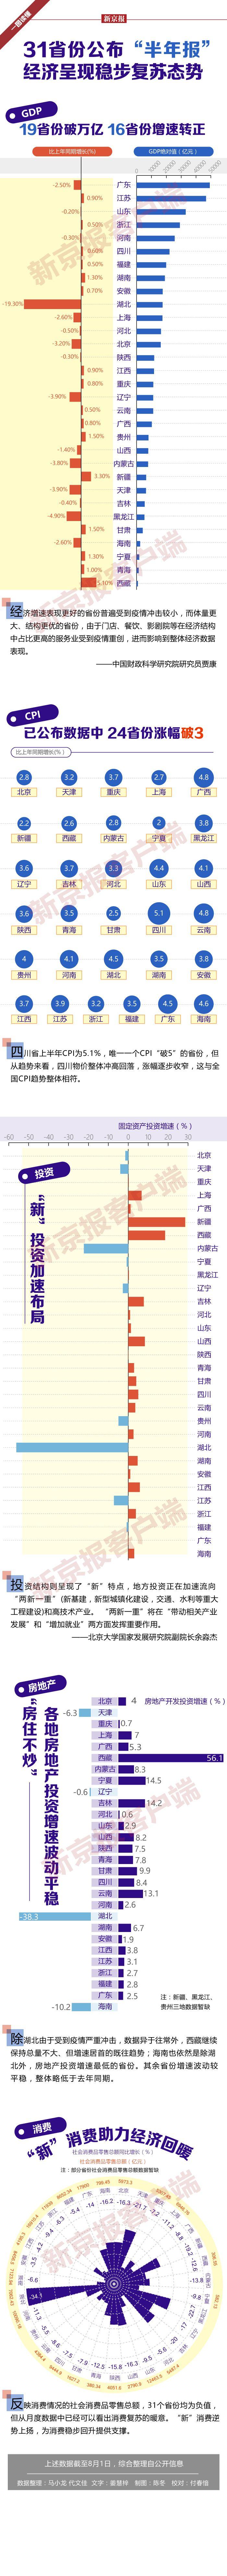 """31省份公布""""半年报"""",经济呈现稳步复苏态势"""